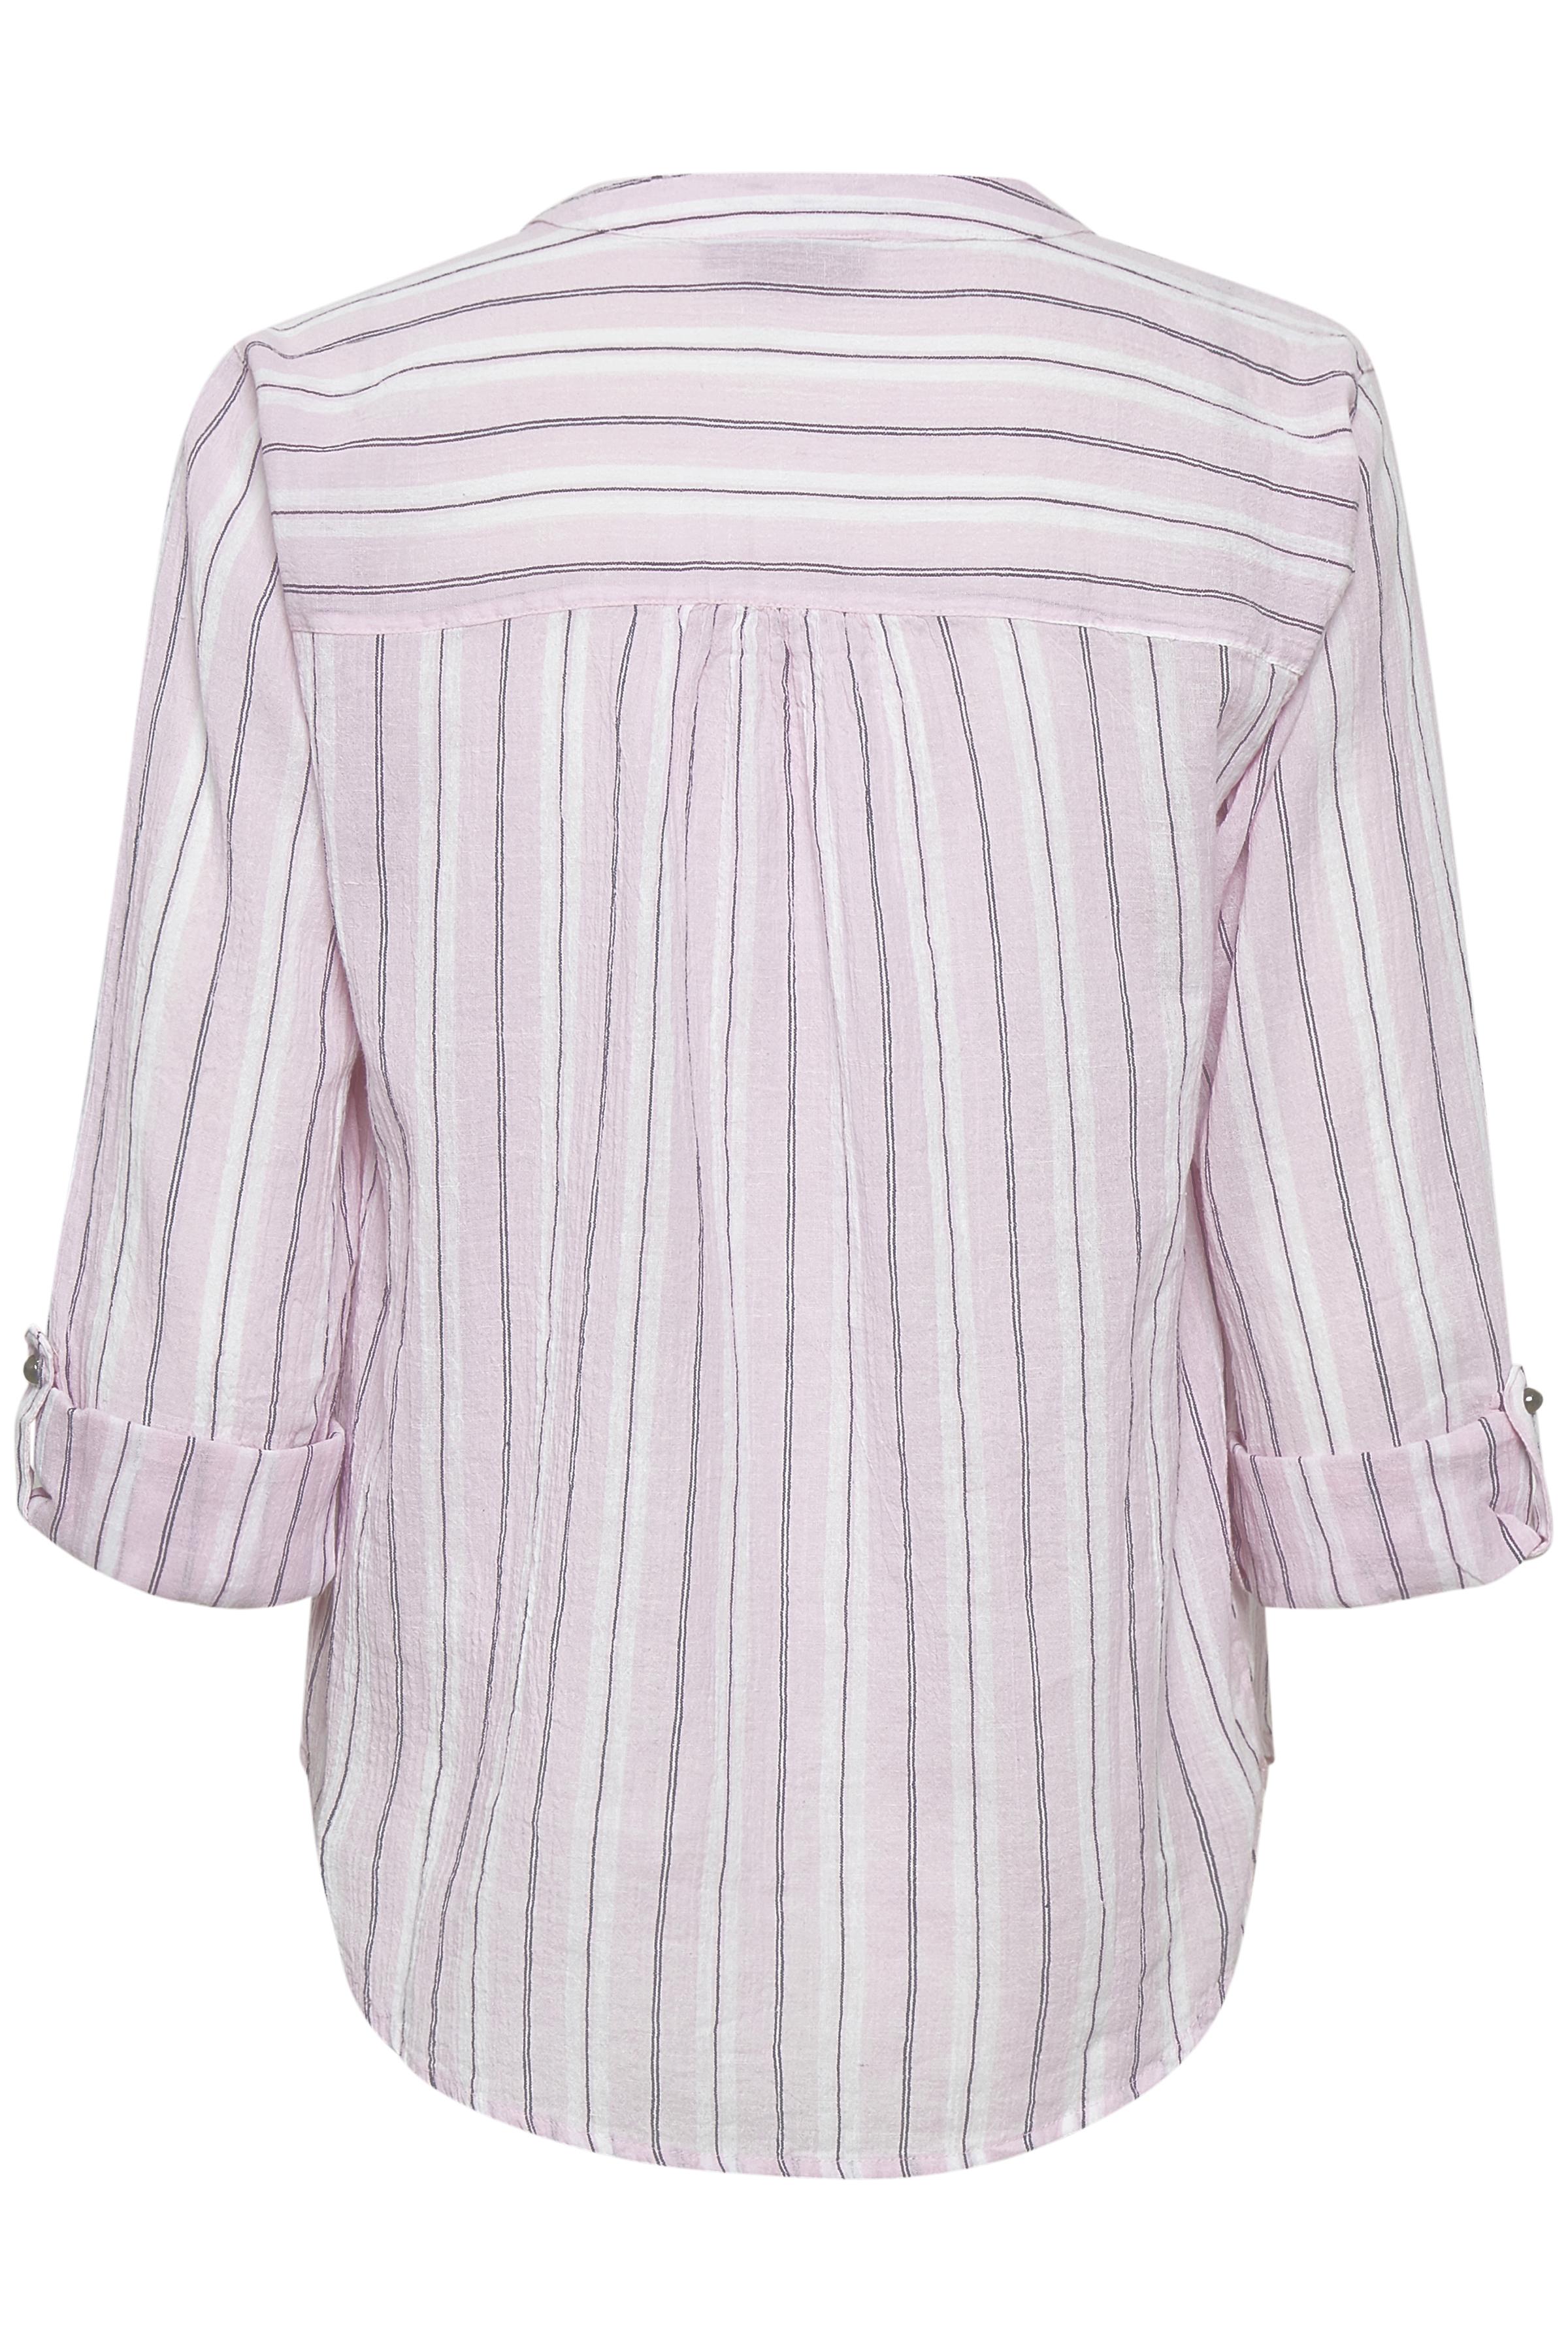 Hvid/sort Bluse fra Fransa – Køb Hvid/sort Bluse fra str. XS-XXL her